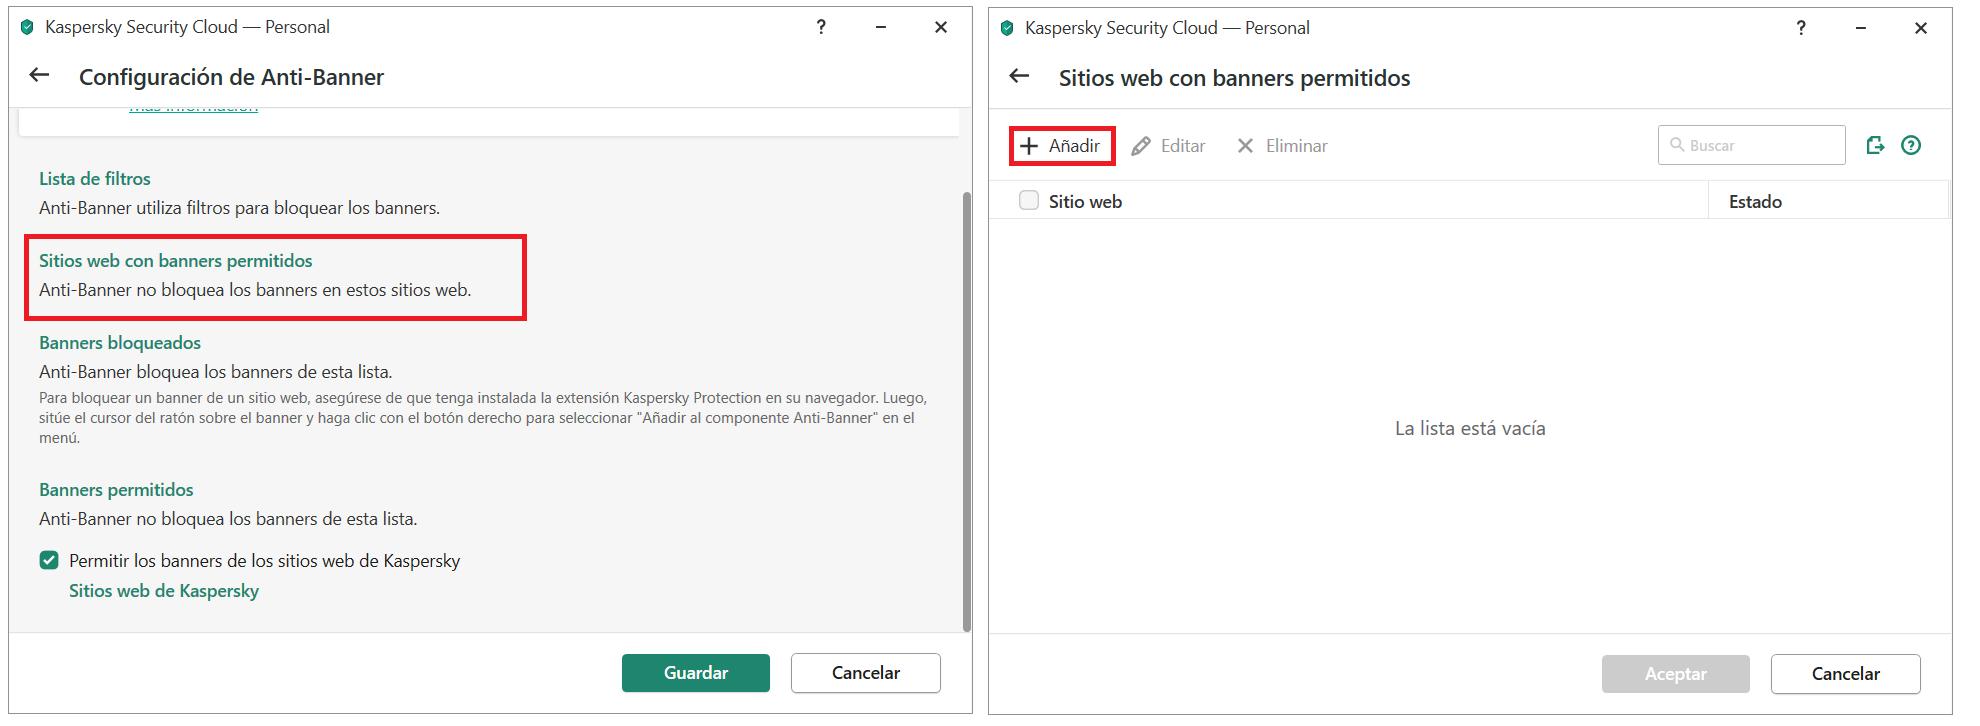 Cómo añadir un banner a la lista de sitios permitidos en Kaspersky Security Cloud